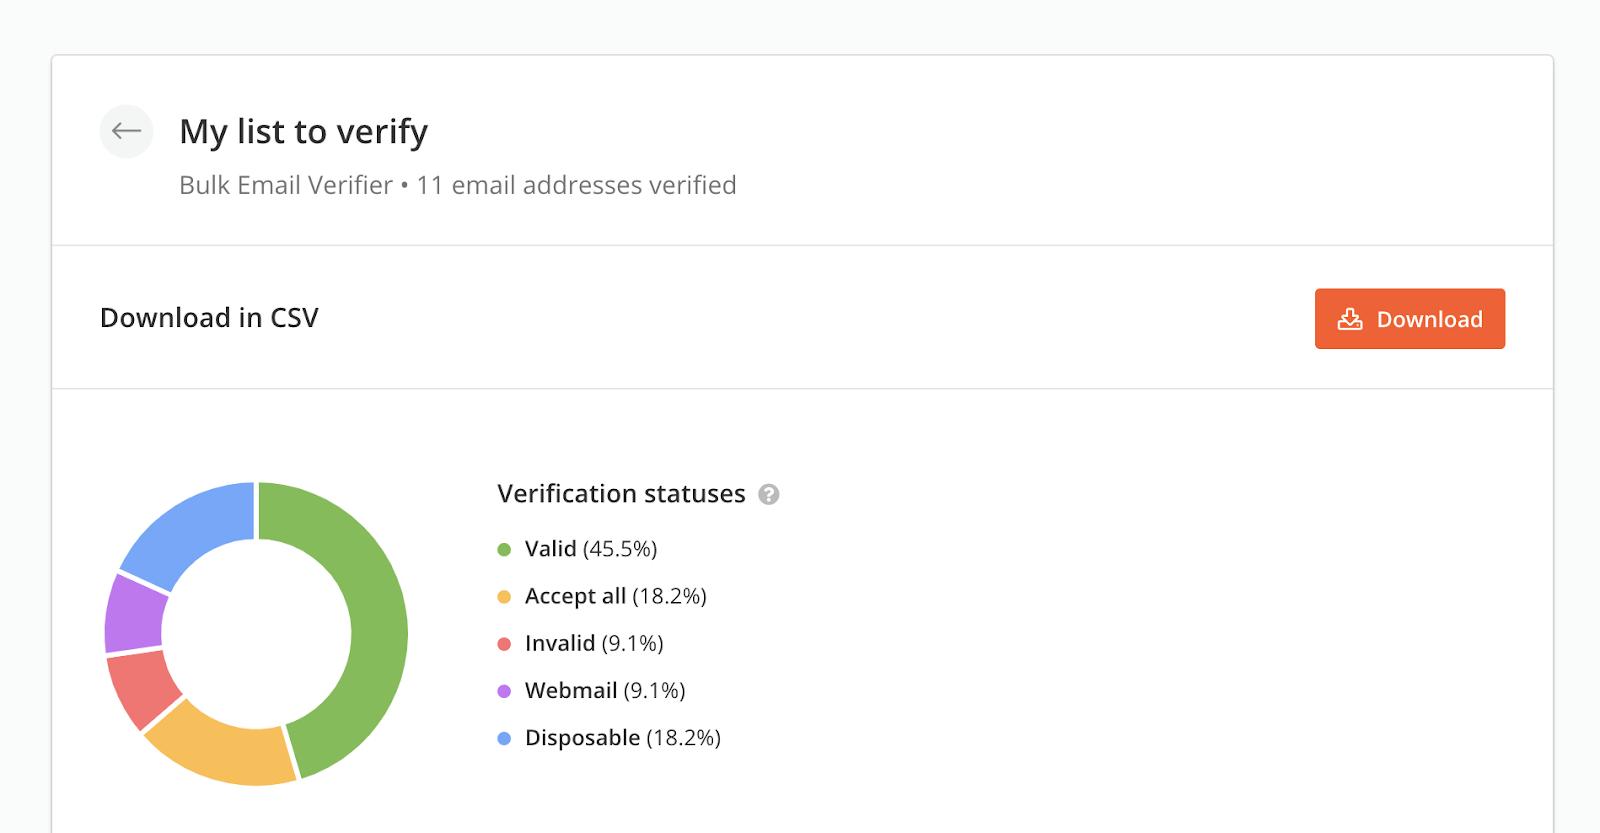 Verification statuses in the Bulk Email Verifier